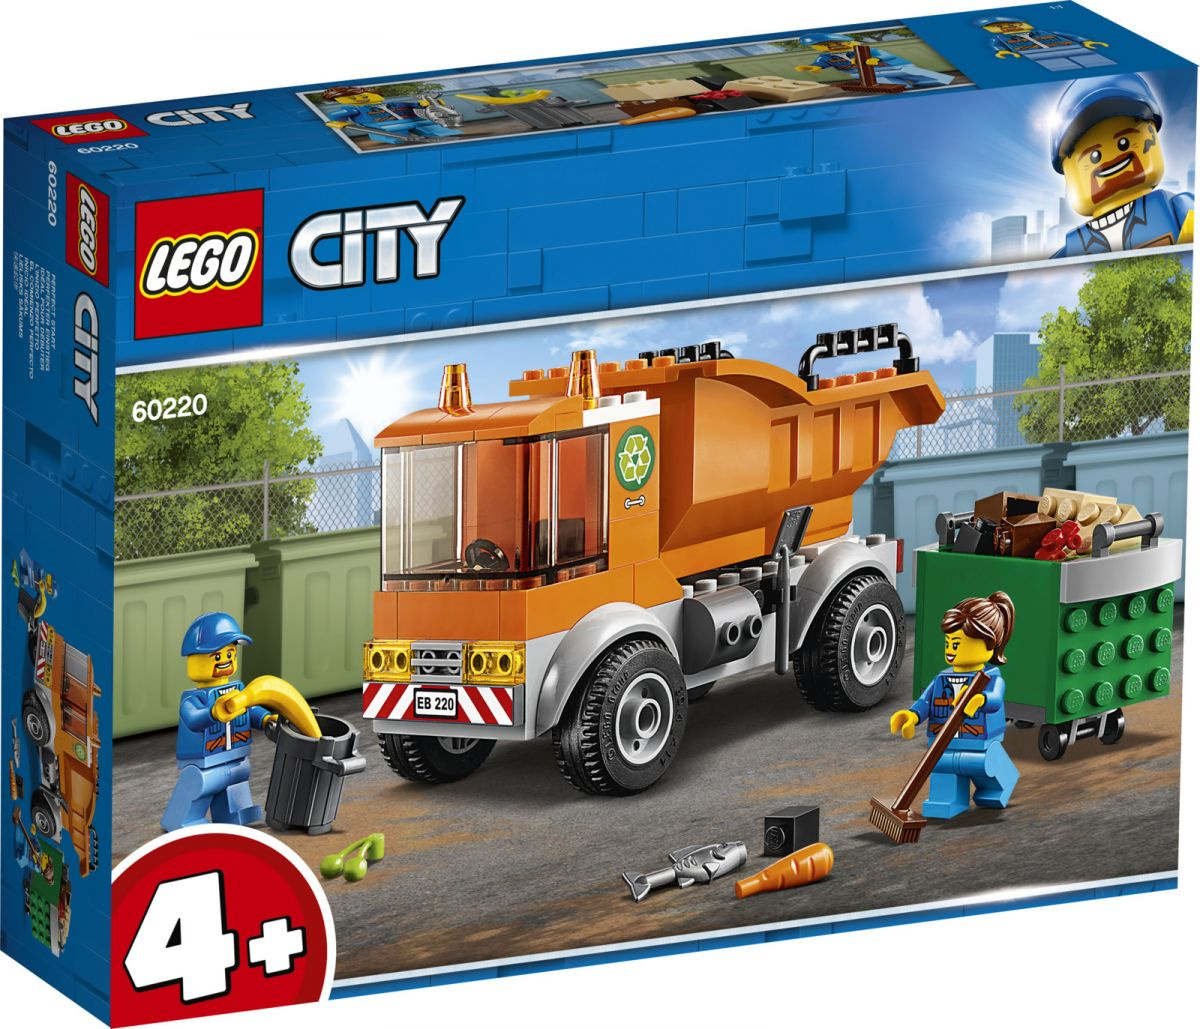 Пластиковый конструктор LEGO 60220